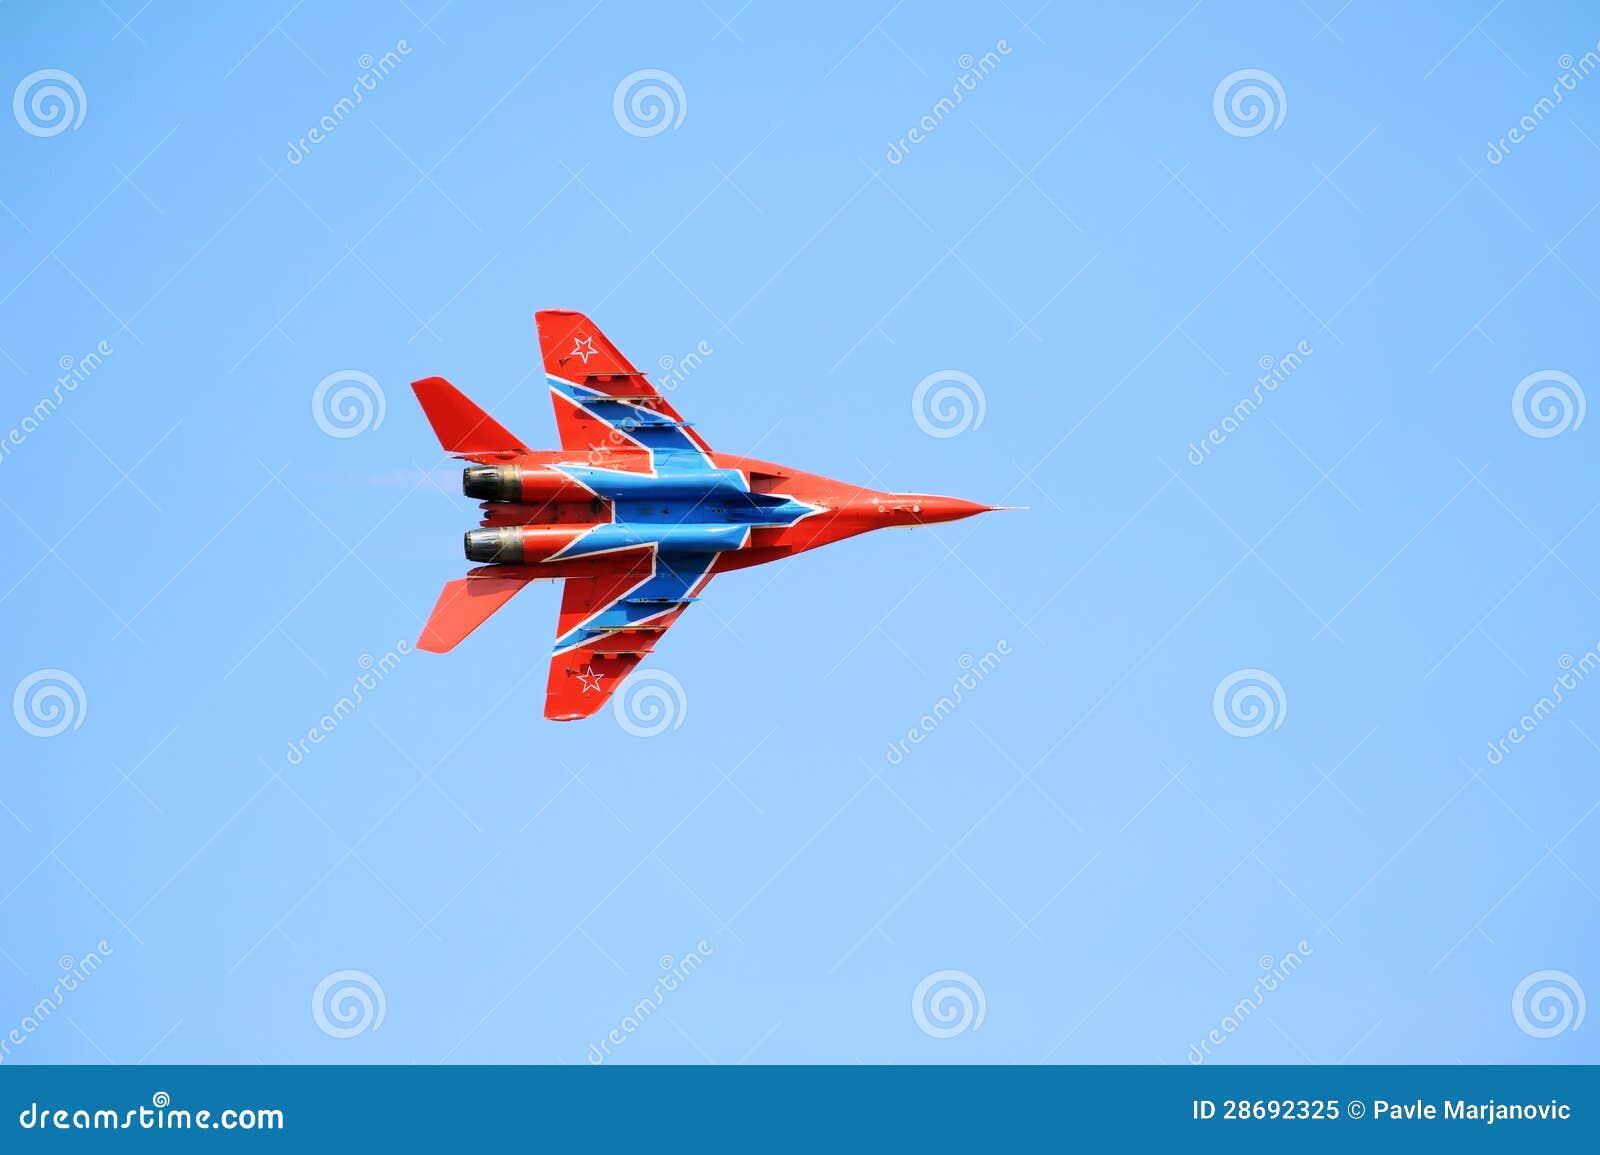 Aereo Da Combattimento Russo : Mig russo un aereo di combattimento da m immagine